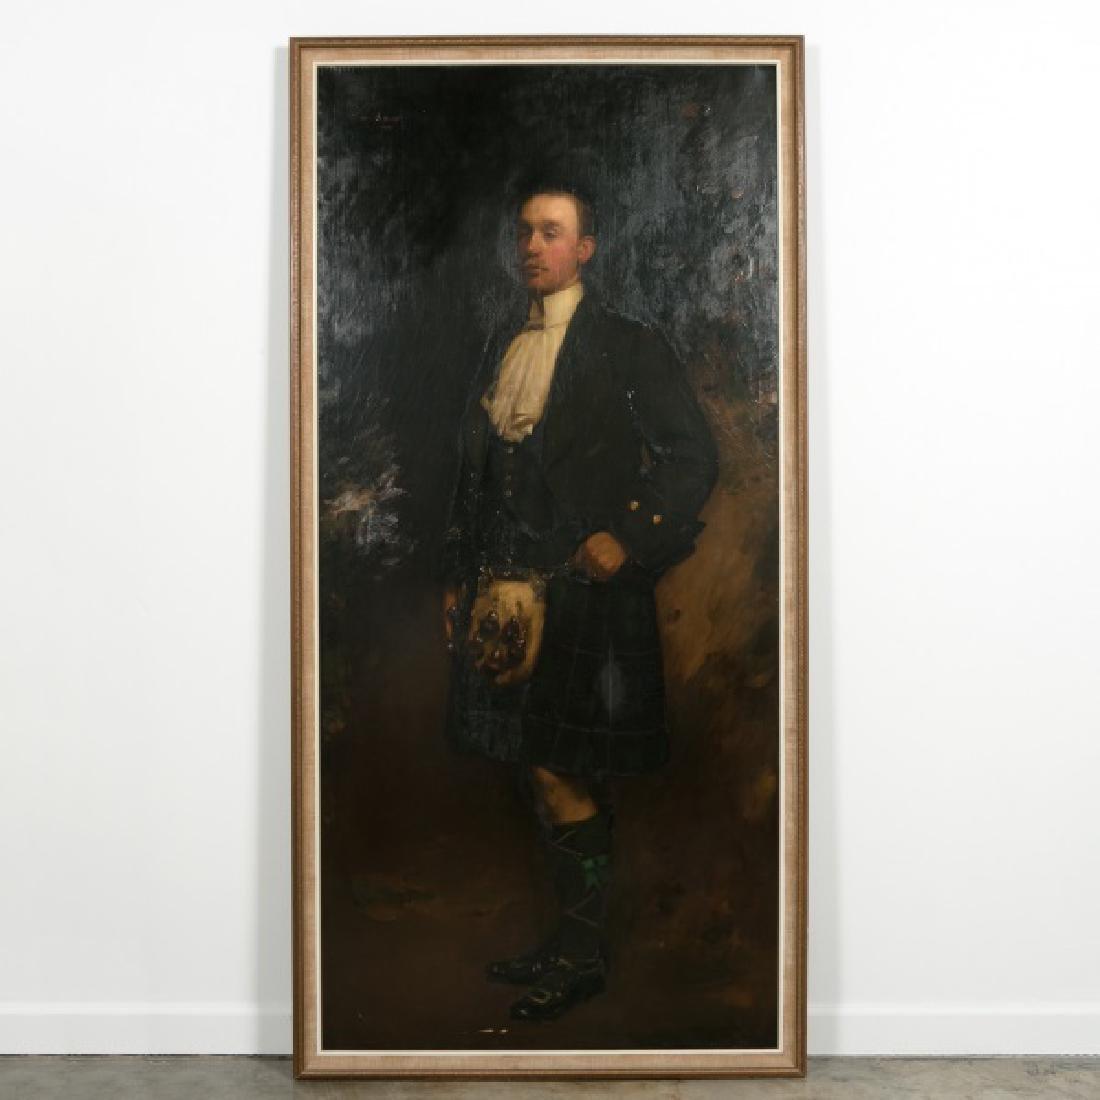 Life-Size Portrait of a Scotsman, Signed, c. 1920s